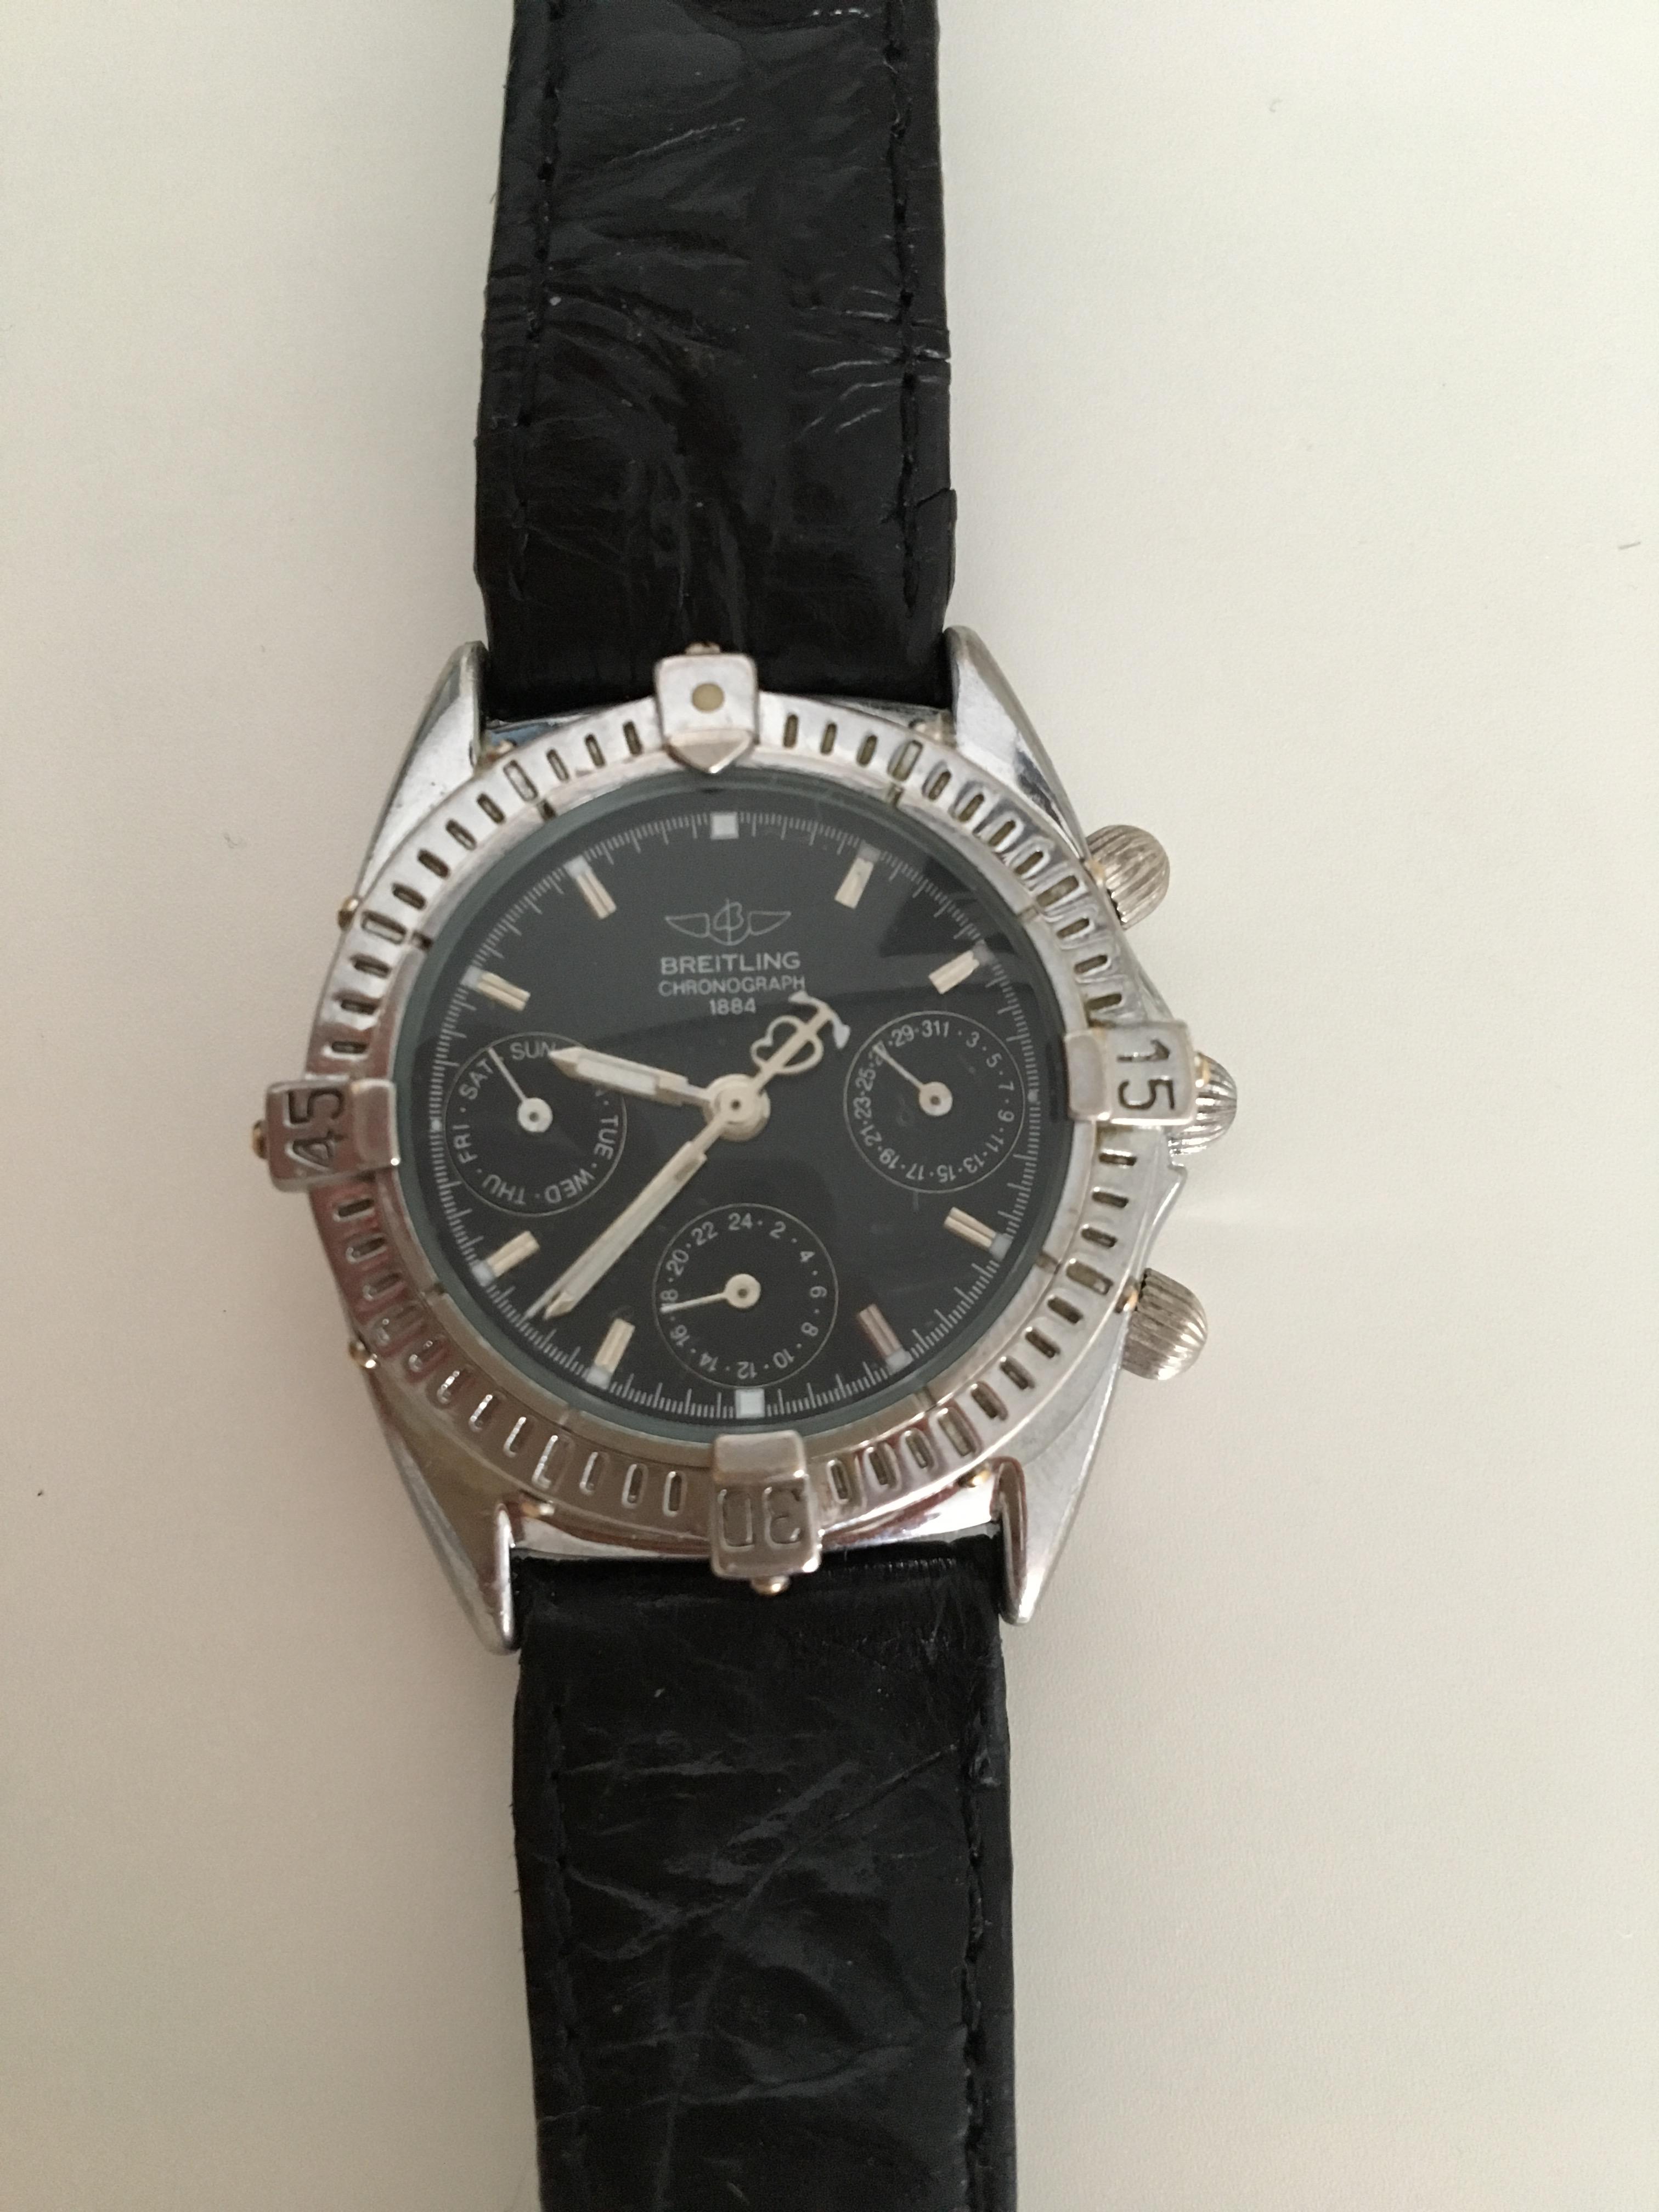 wie viel ist diese alte breitling armbanduhr wert. Black Bedroom Furniture Sets. Home Design Ideas